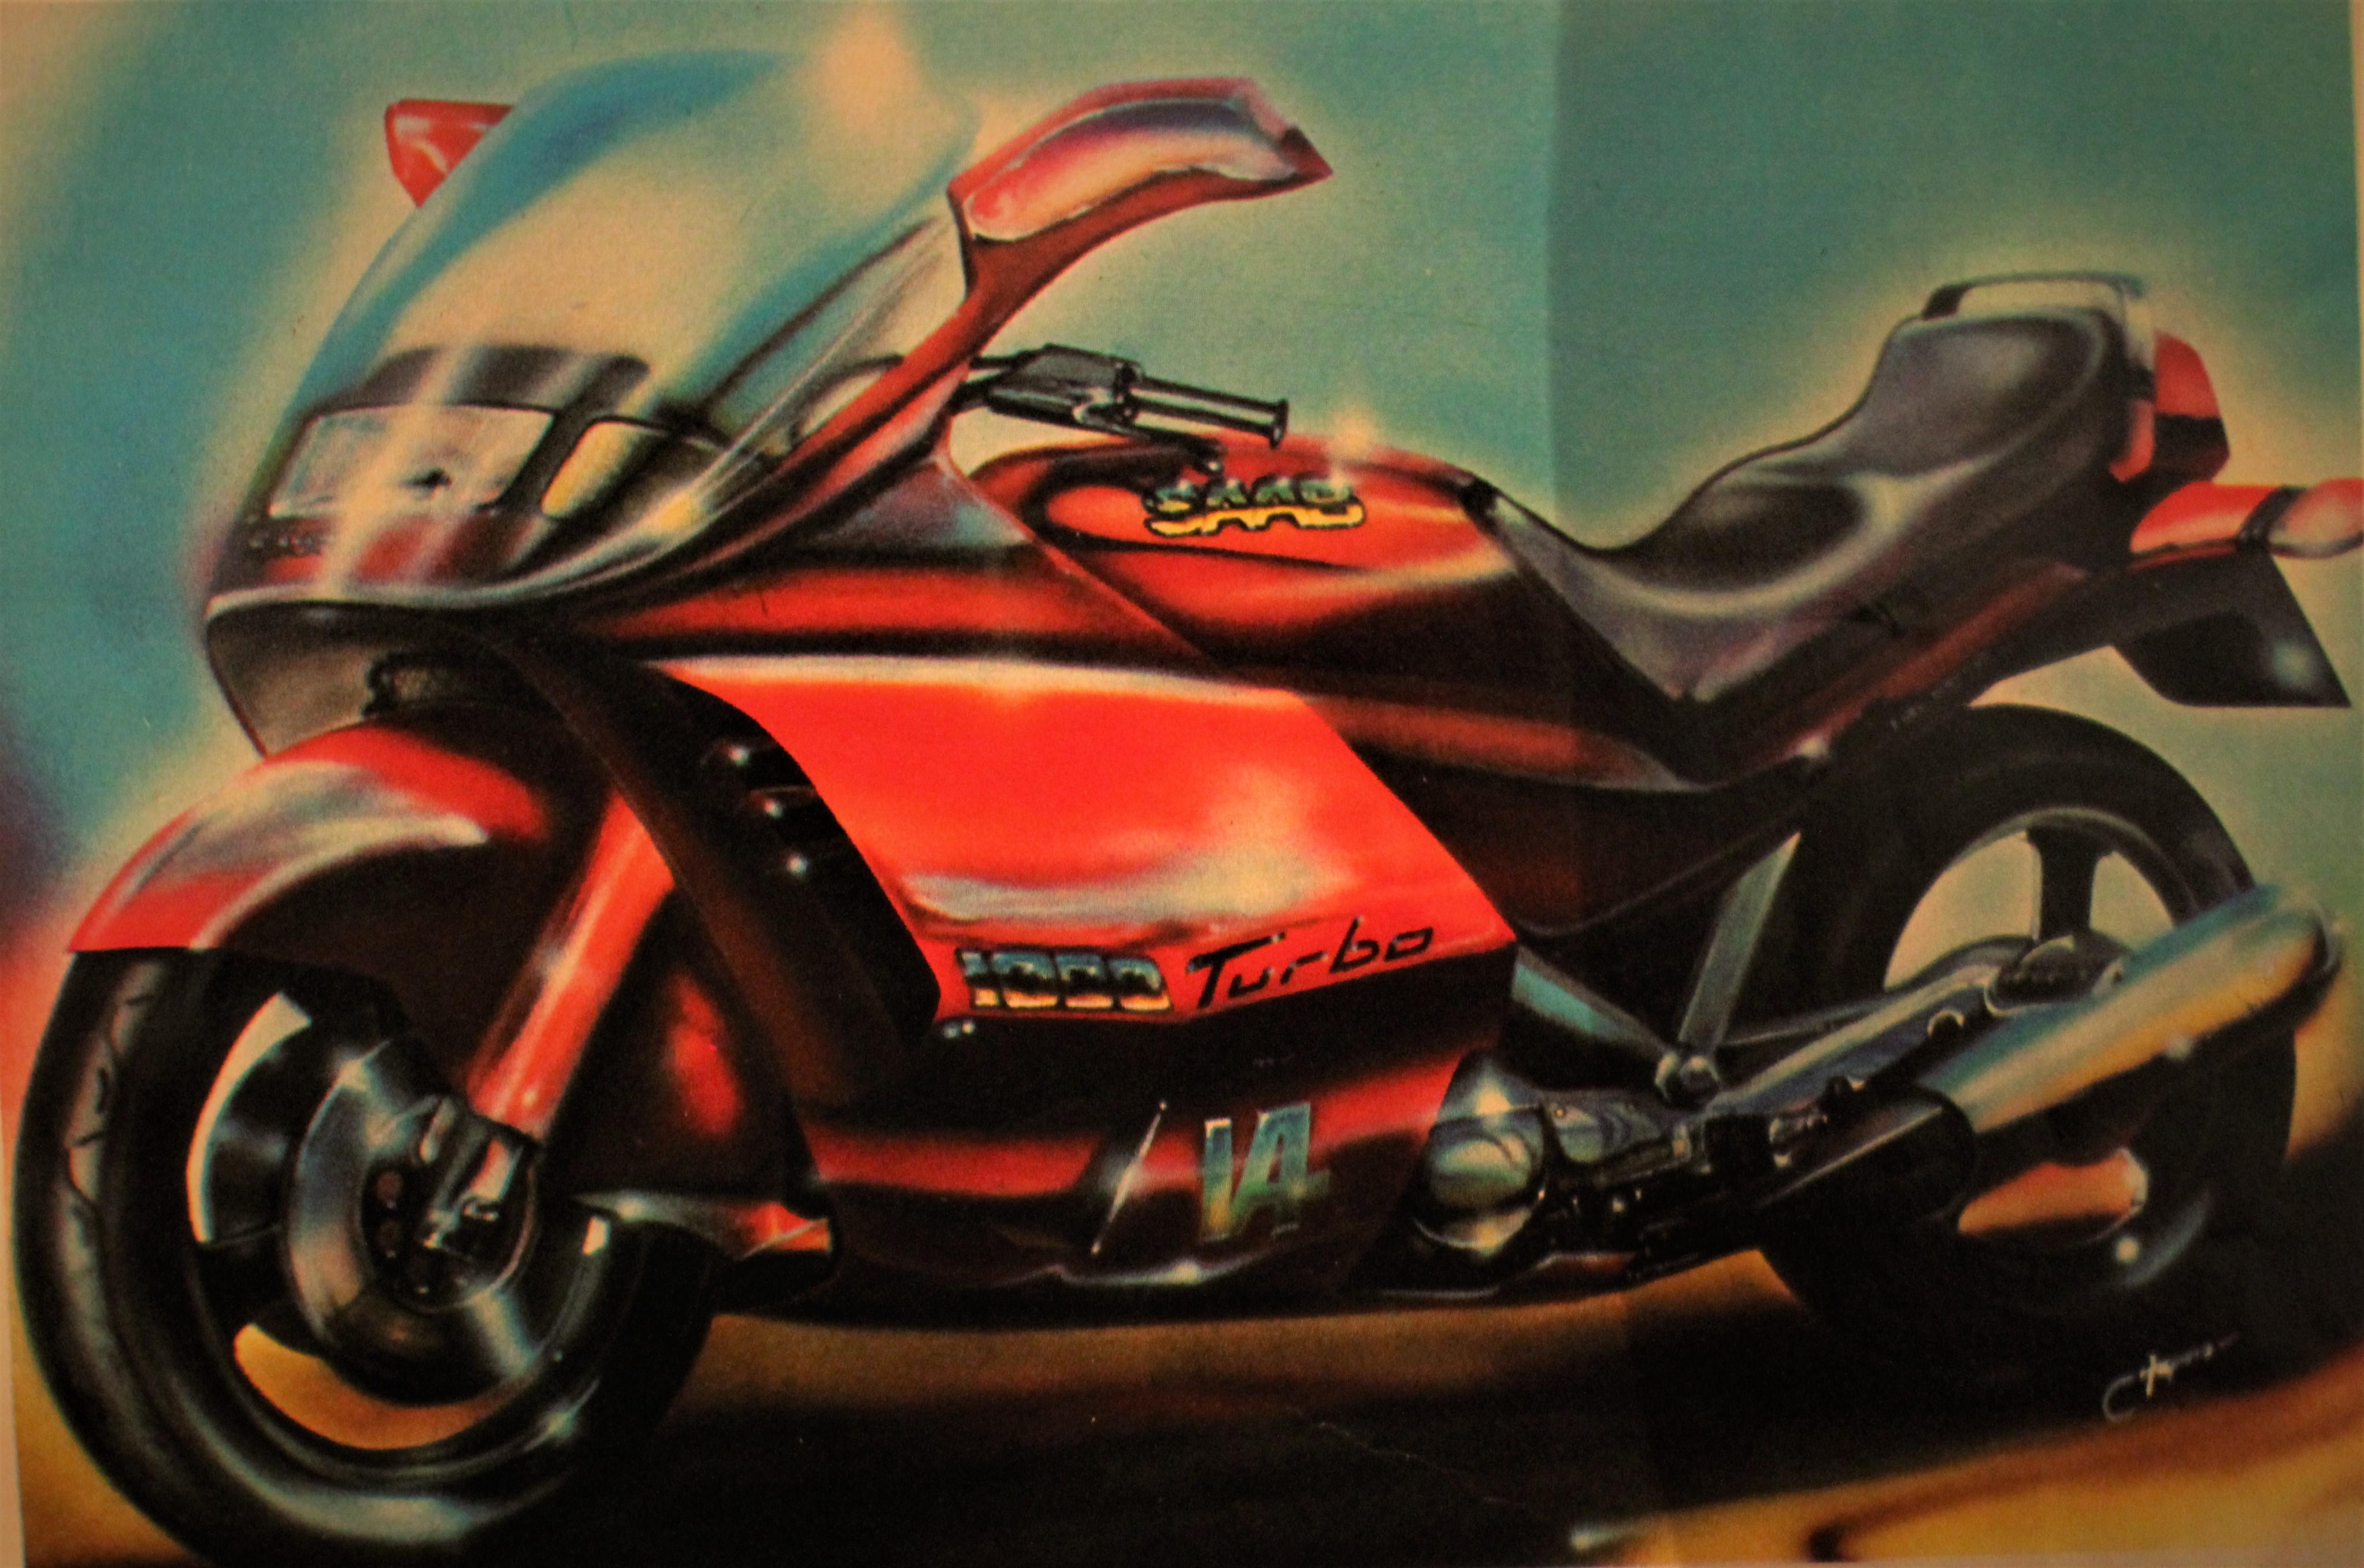 Moto SAAB turbo